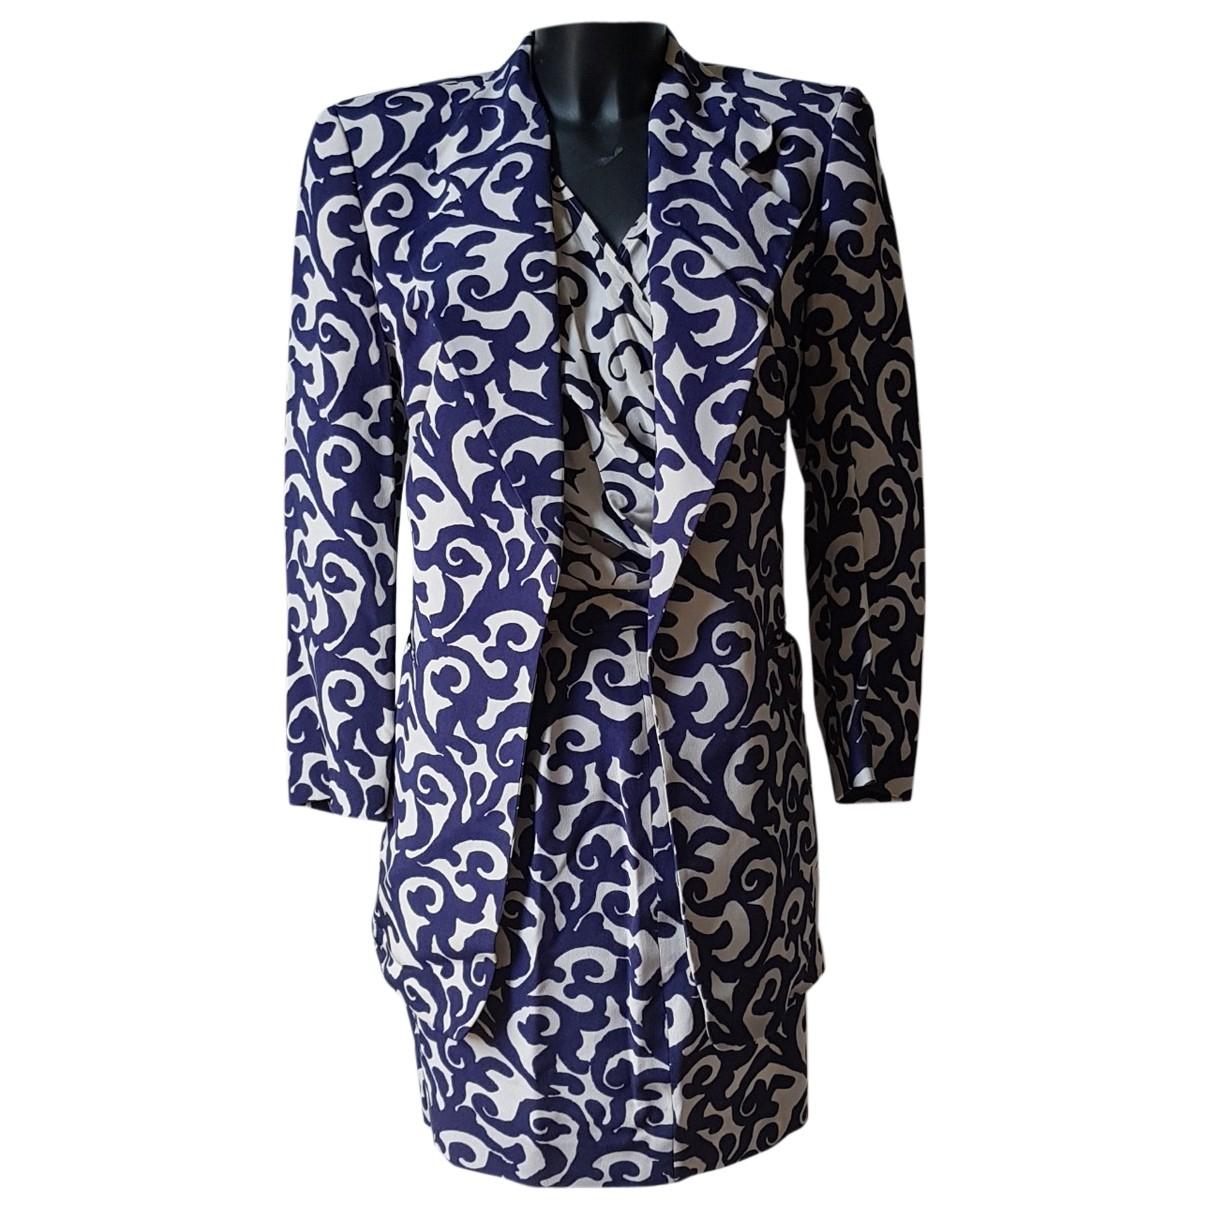 Gianfranco Ferré \N Silk jacket for Women 42 IT